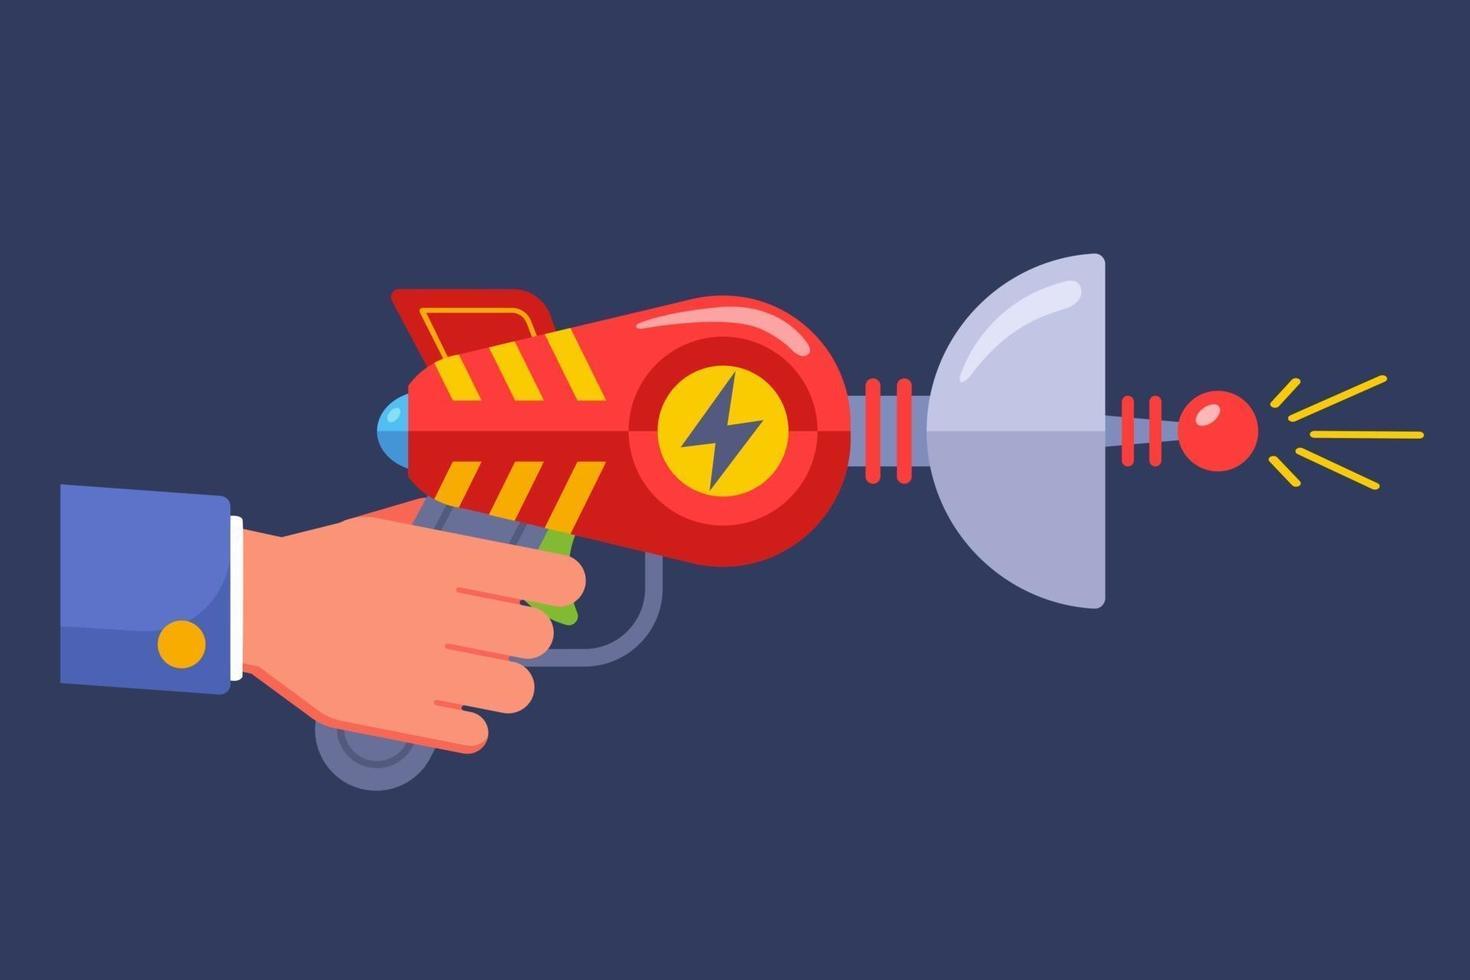 pistola alienígena de ficção científica. ilustração vetorial plana. vetor